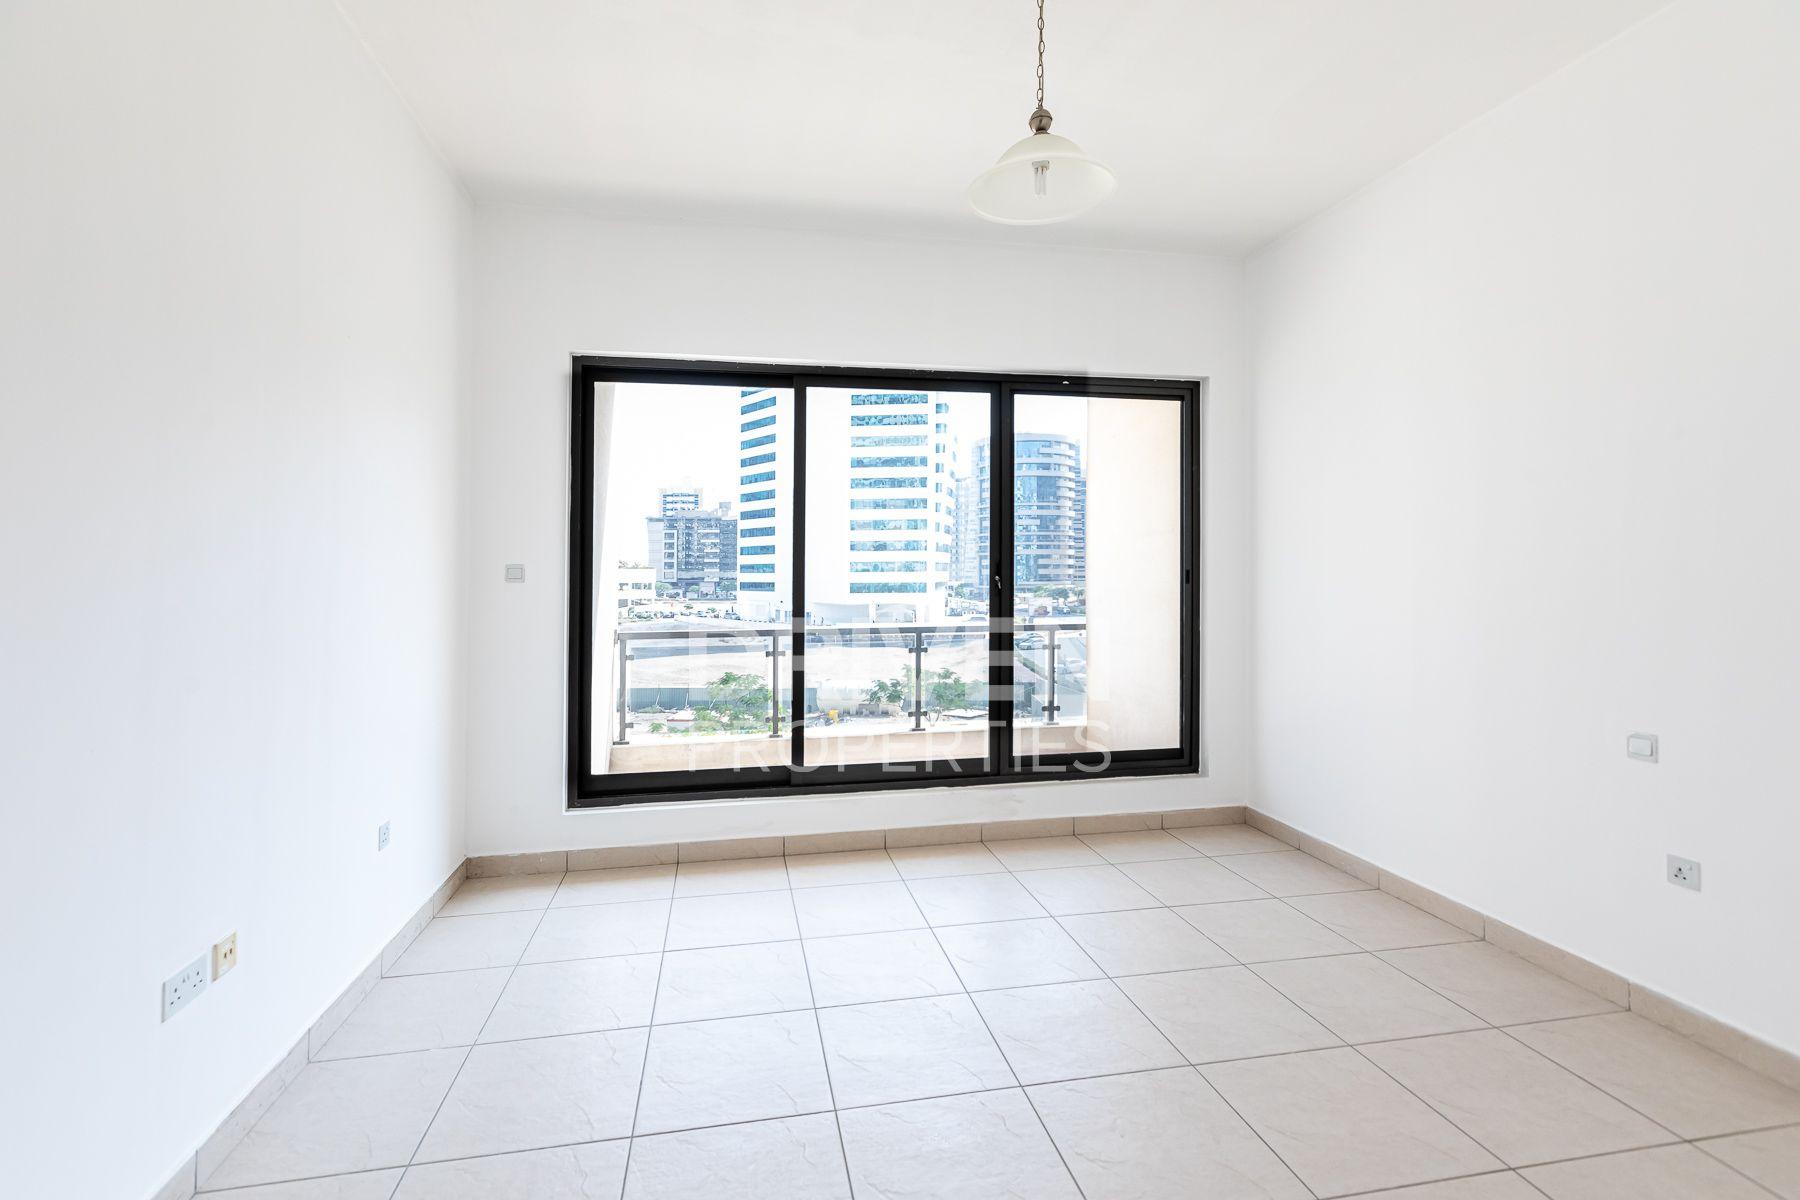 للايجار - شقة - API TECOM Residency - برشا هايتس (تيكوم)